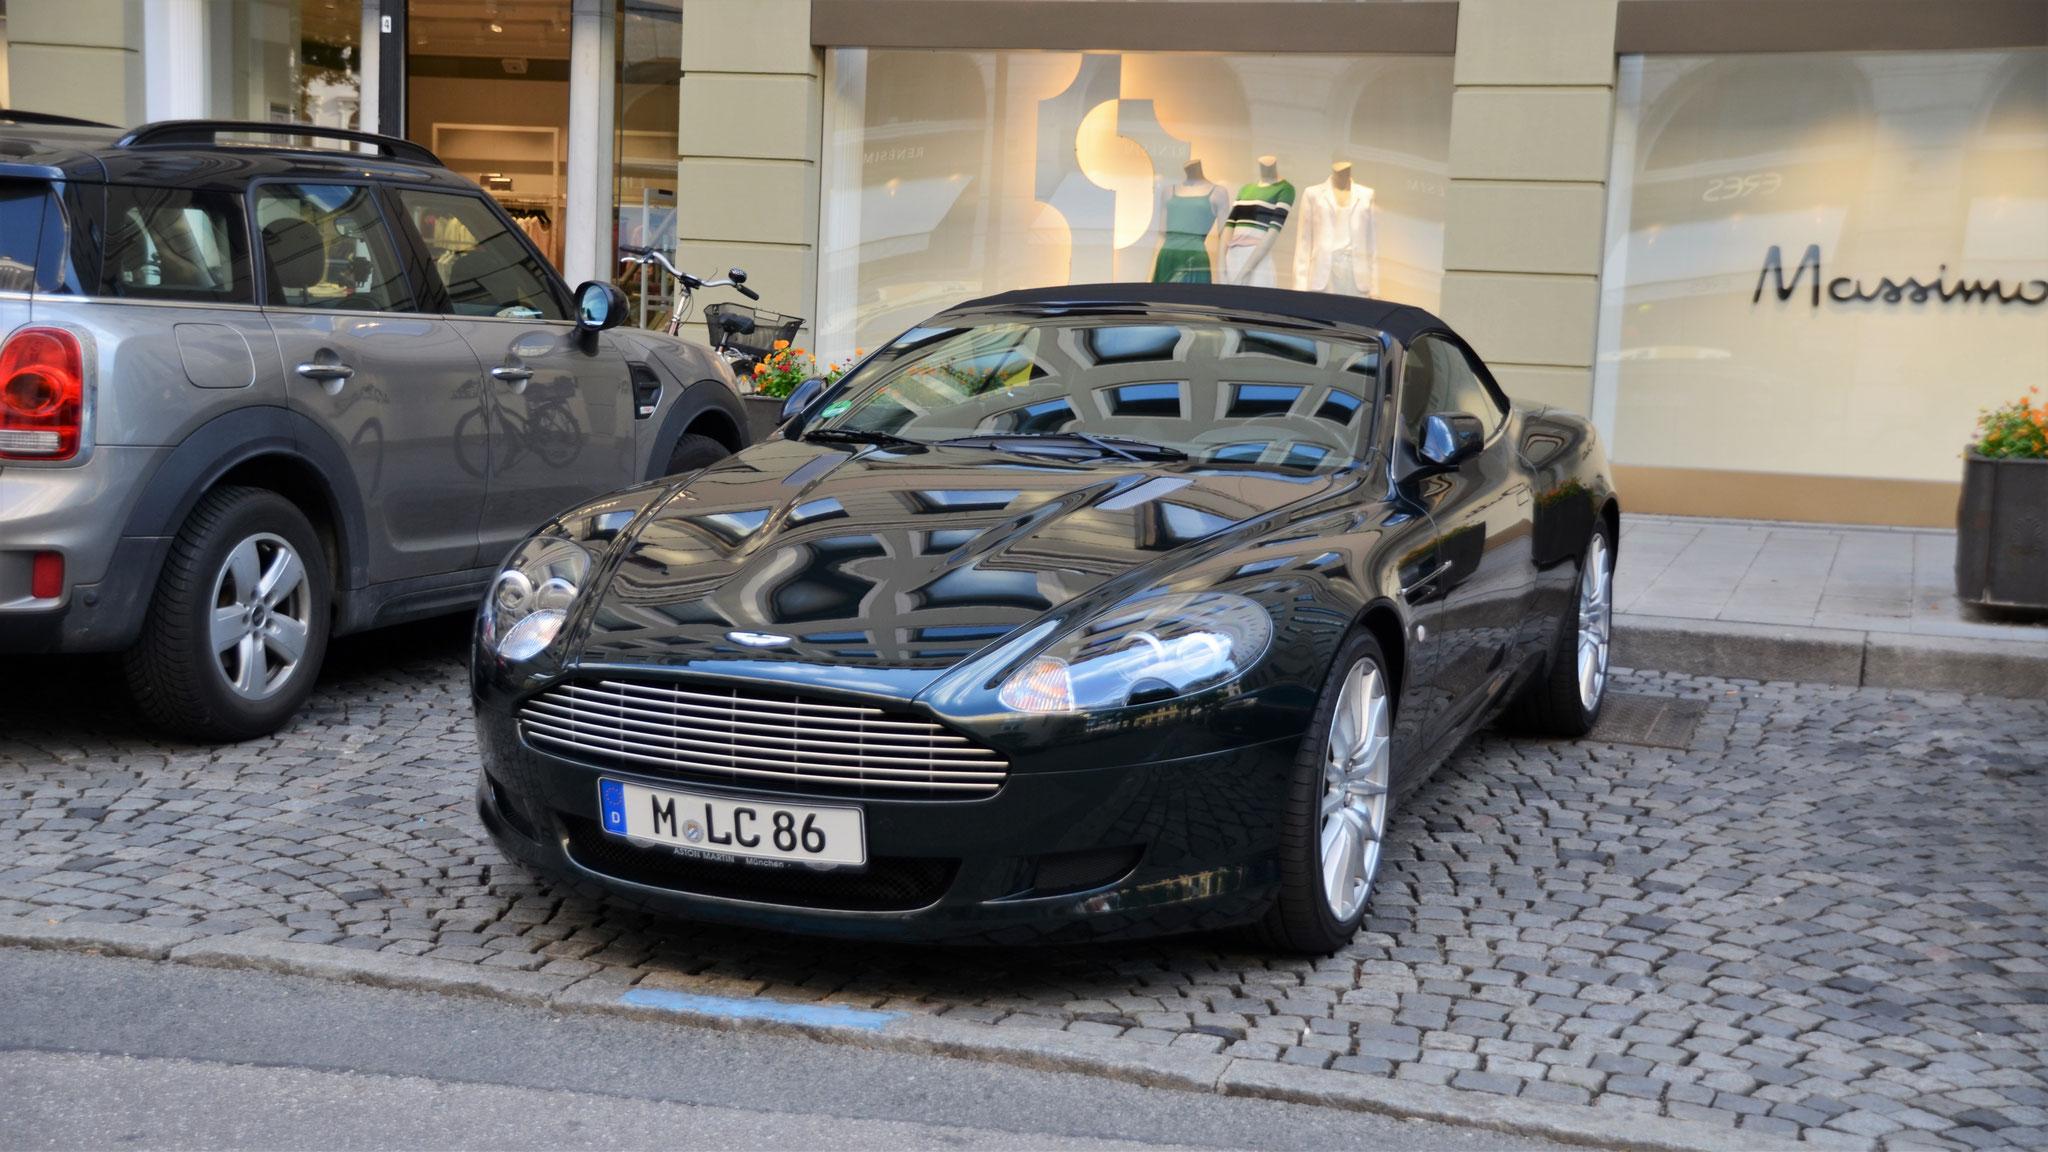 Aston Martin DB9 Volante - M-LC-86